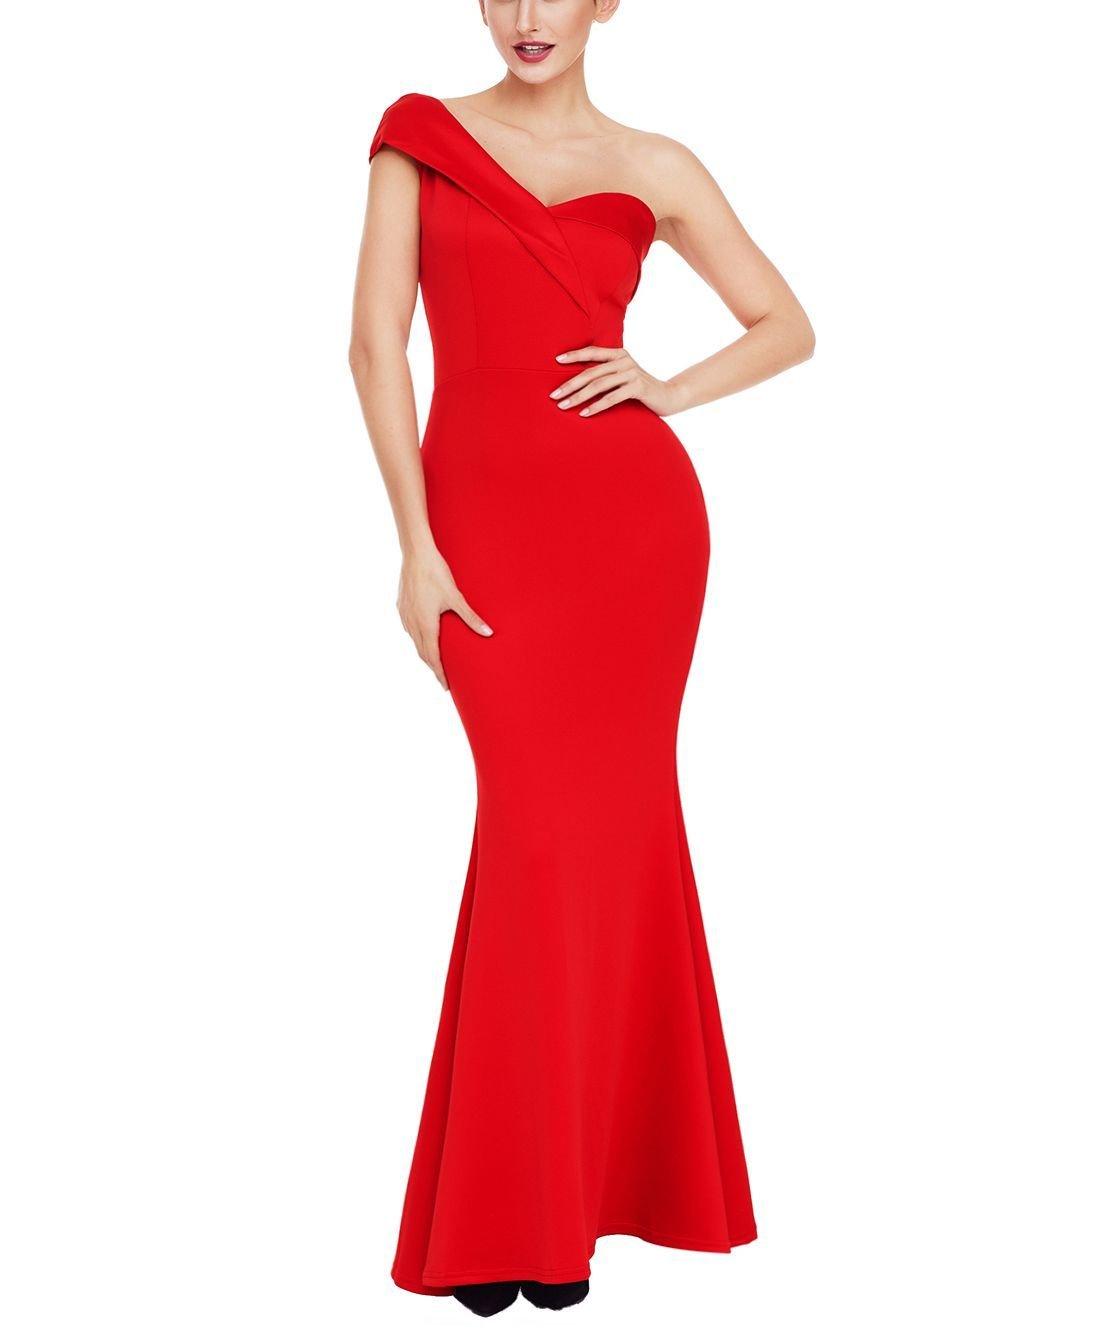 One-Shoulder Mermaid Formal Dress